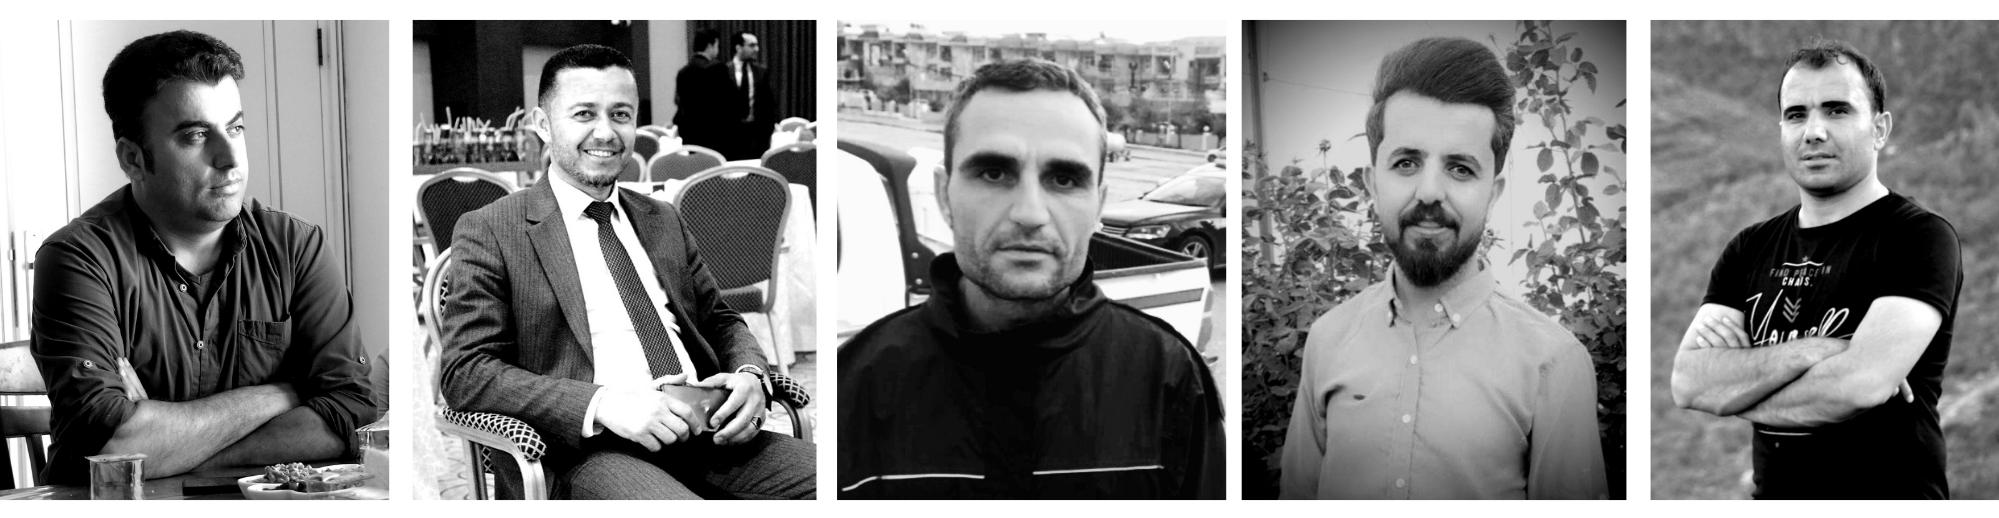 BW portraits of six men, badinan prisoners